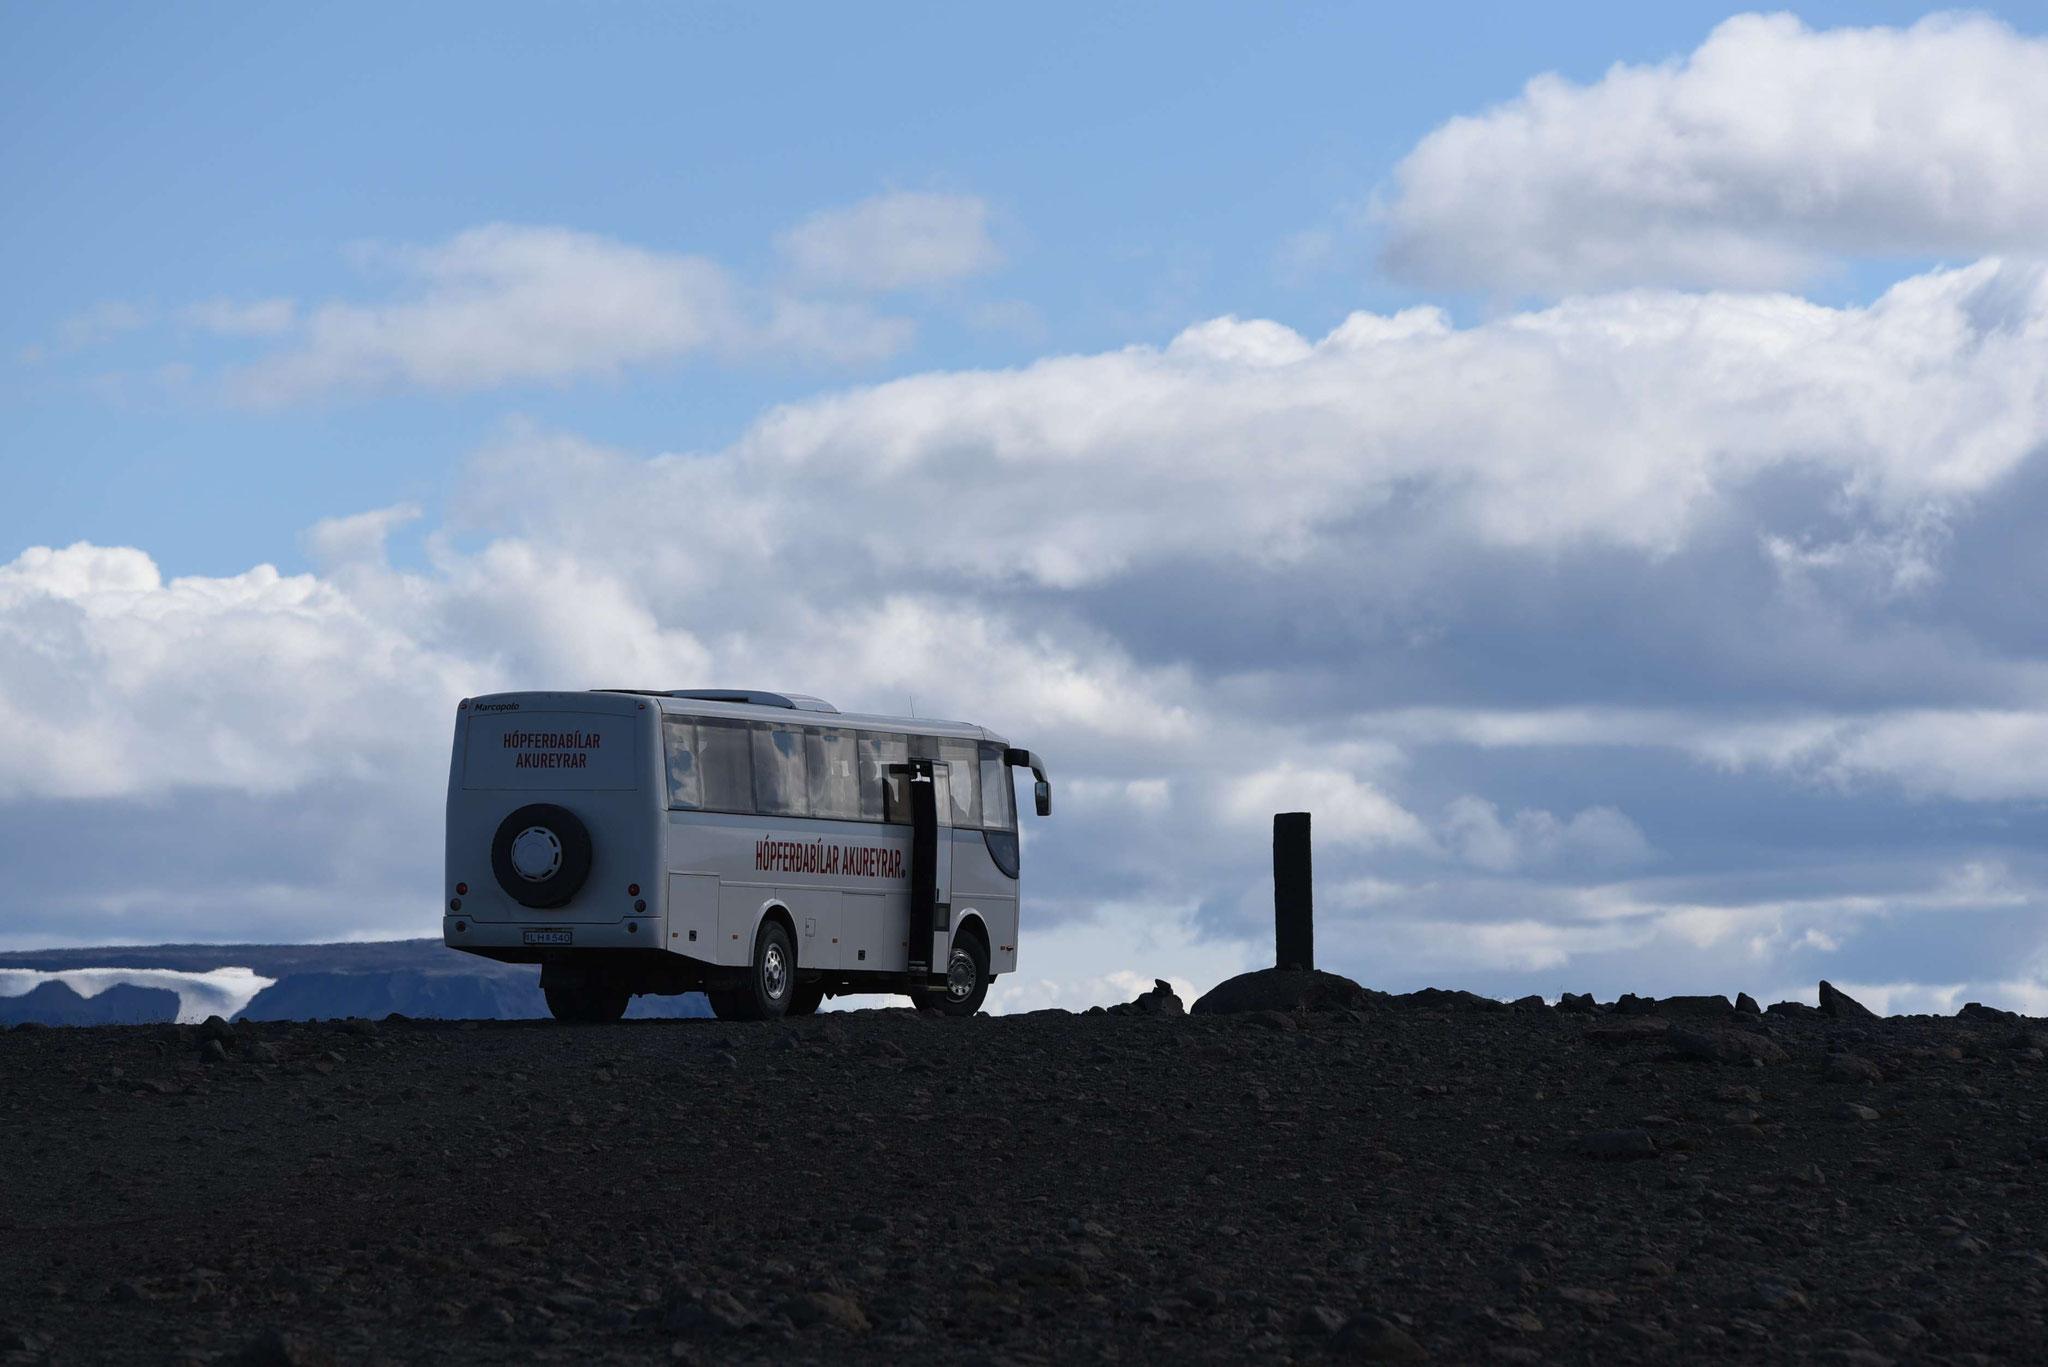 Stopp eines Buses in idyllischer Landschaft